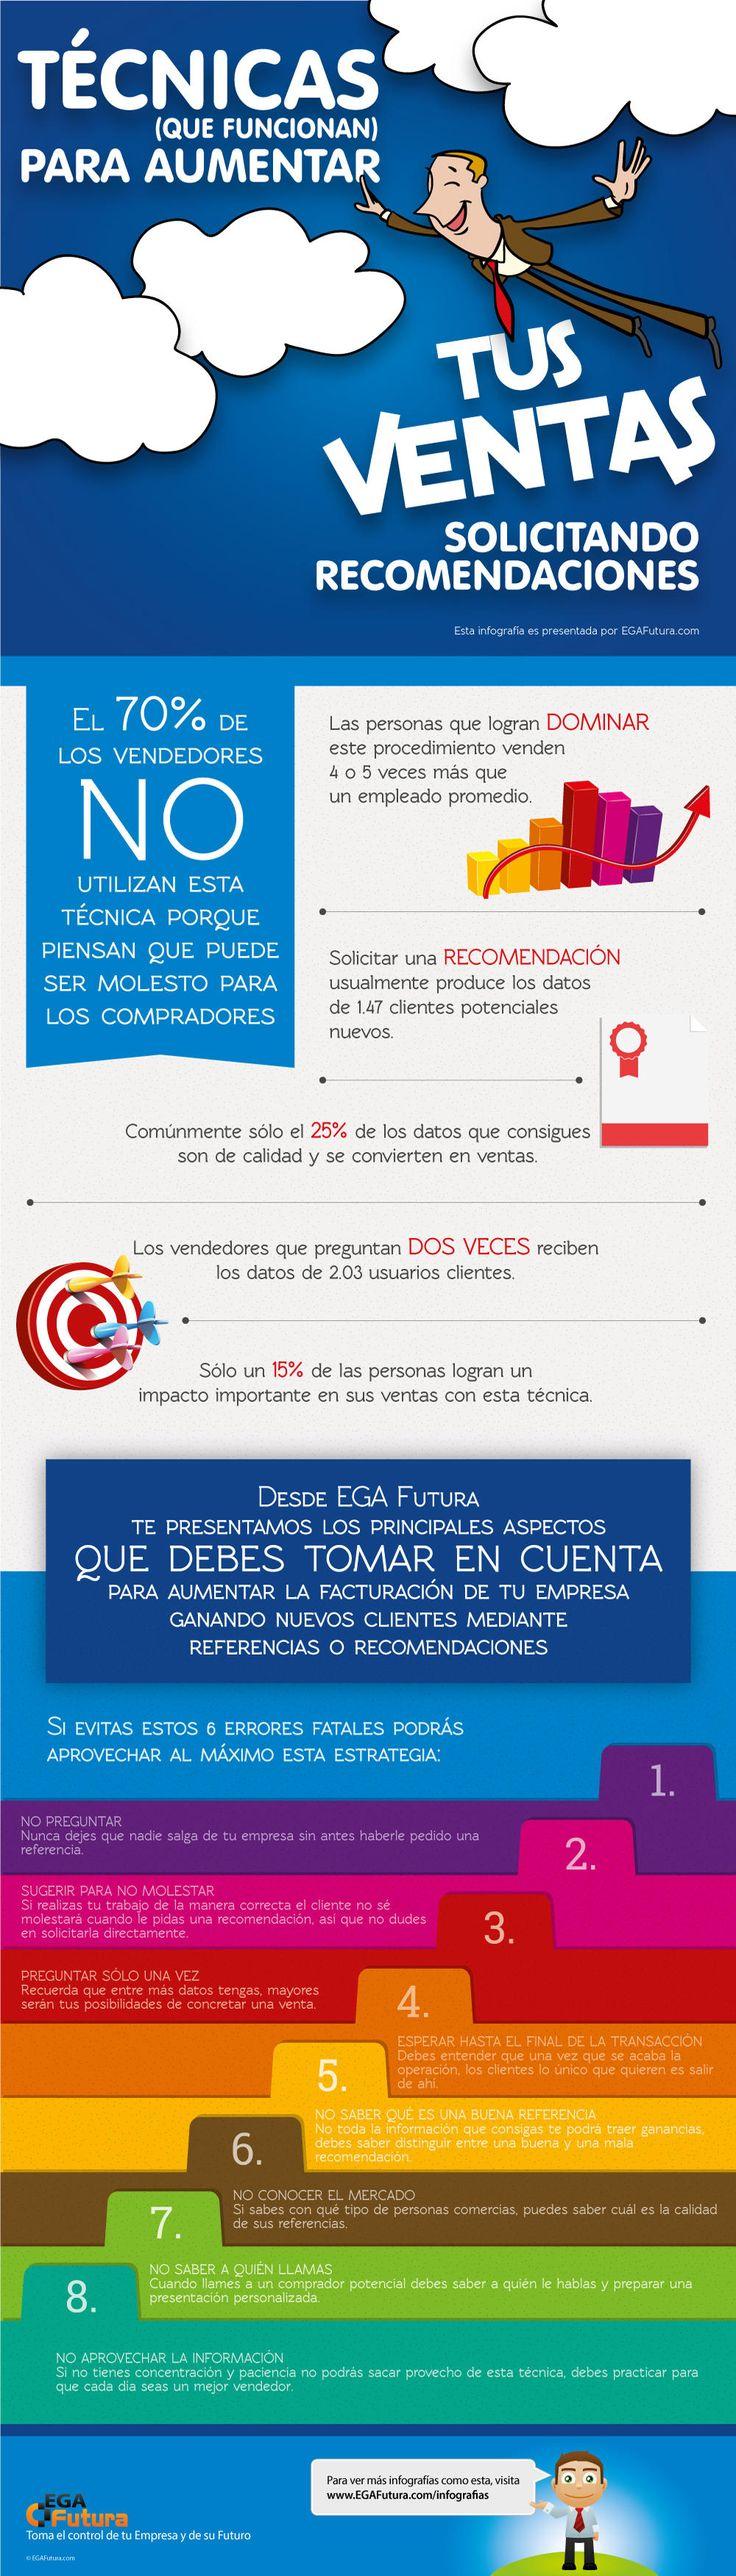 Técnicas para aumentar ventas solicitando recomendaciones Vía: egafutura.com #infografia #infographic #marketing